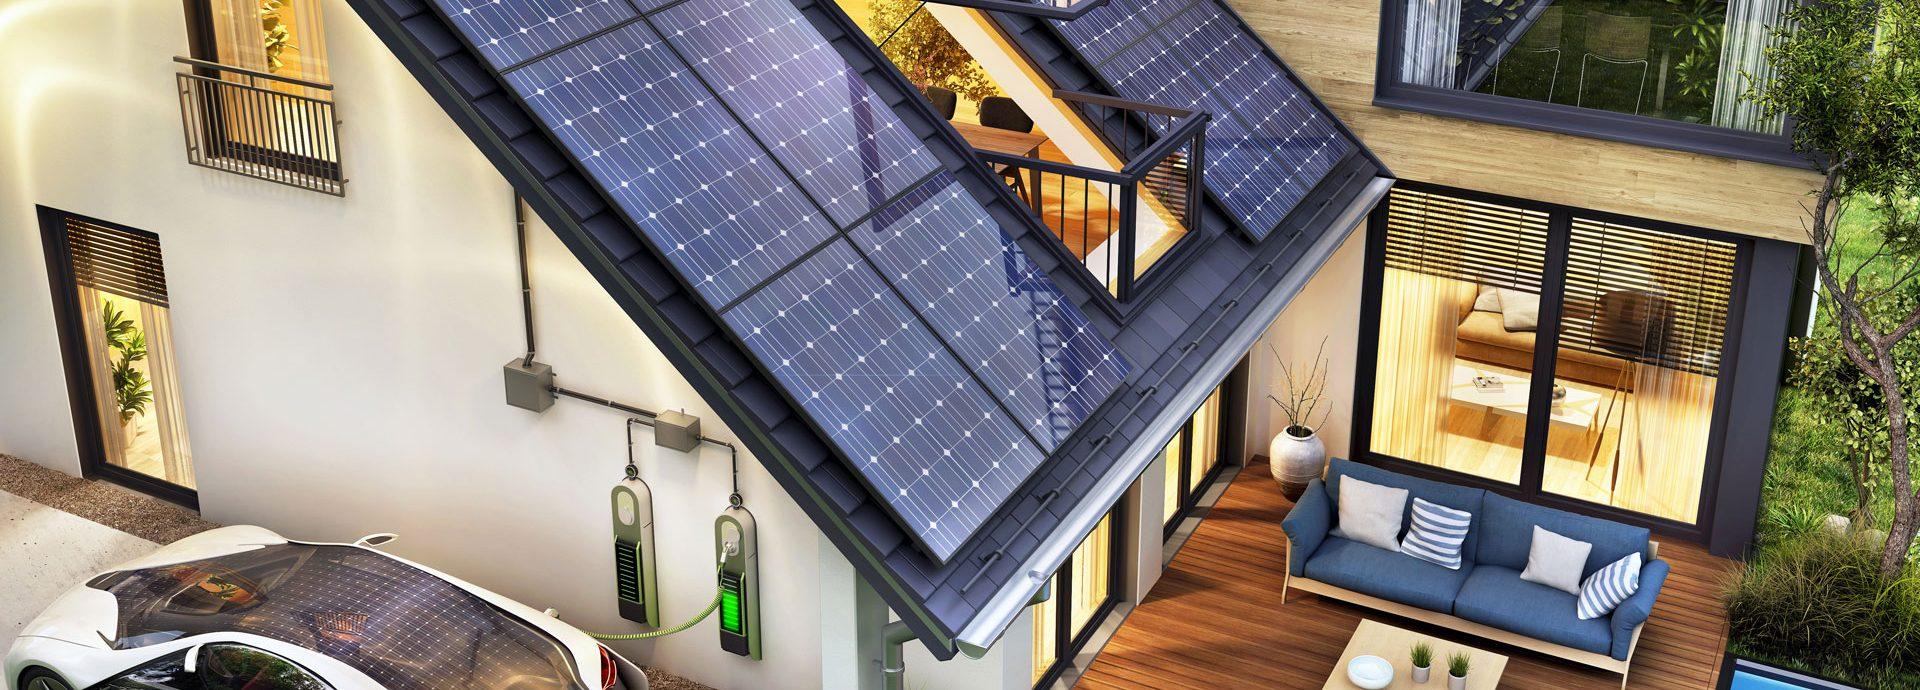 tesla solar panel installation lancaster pa and md solar installer